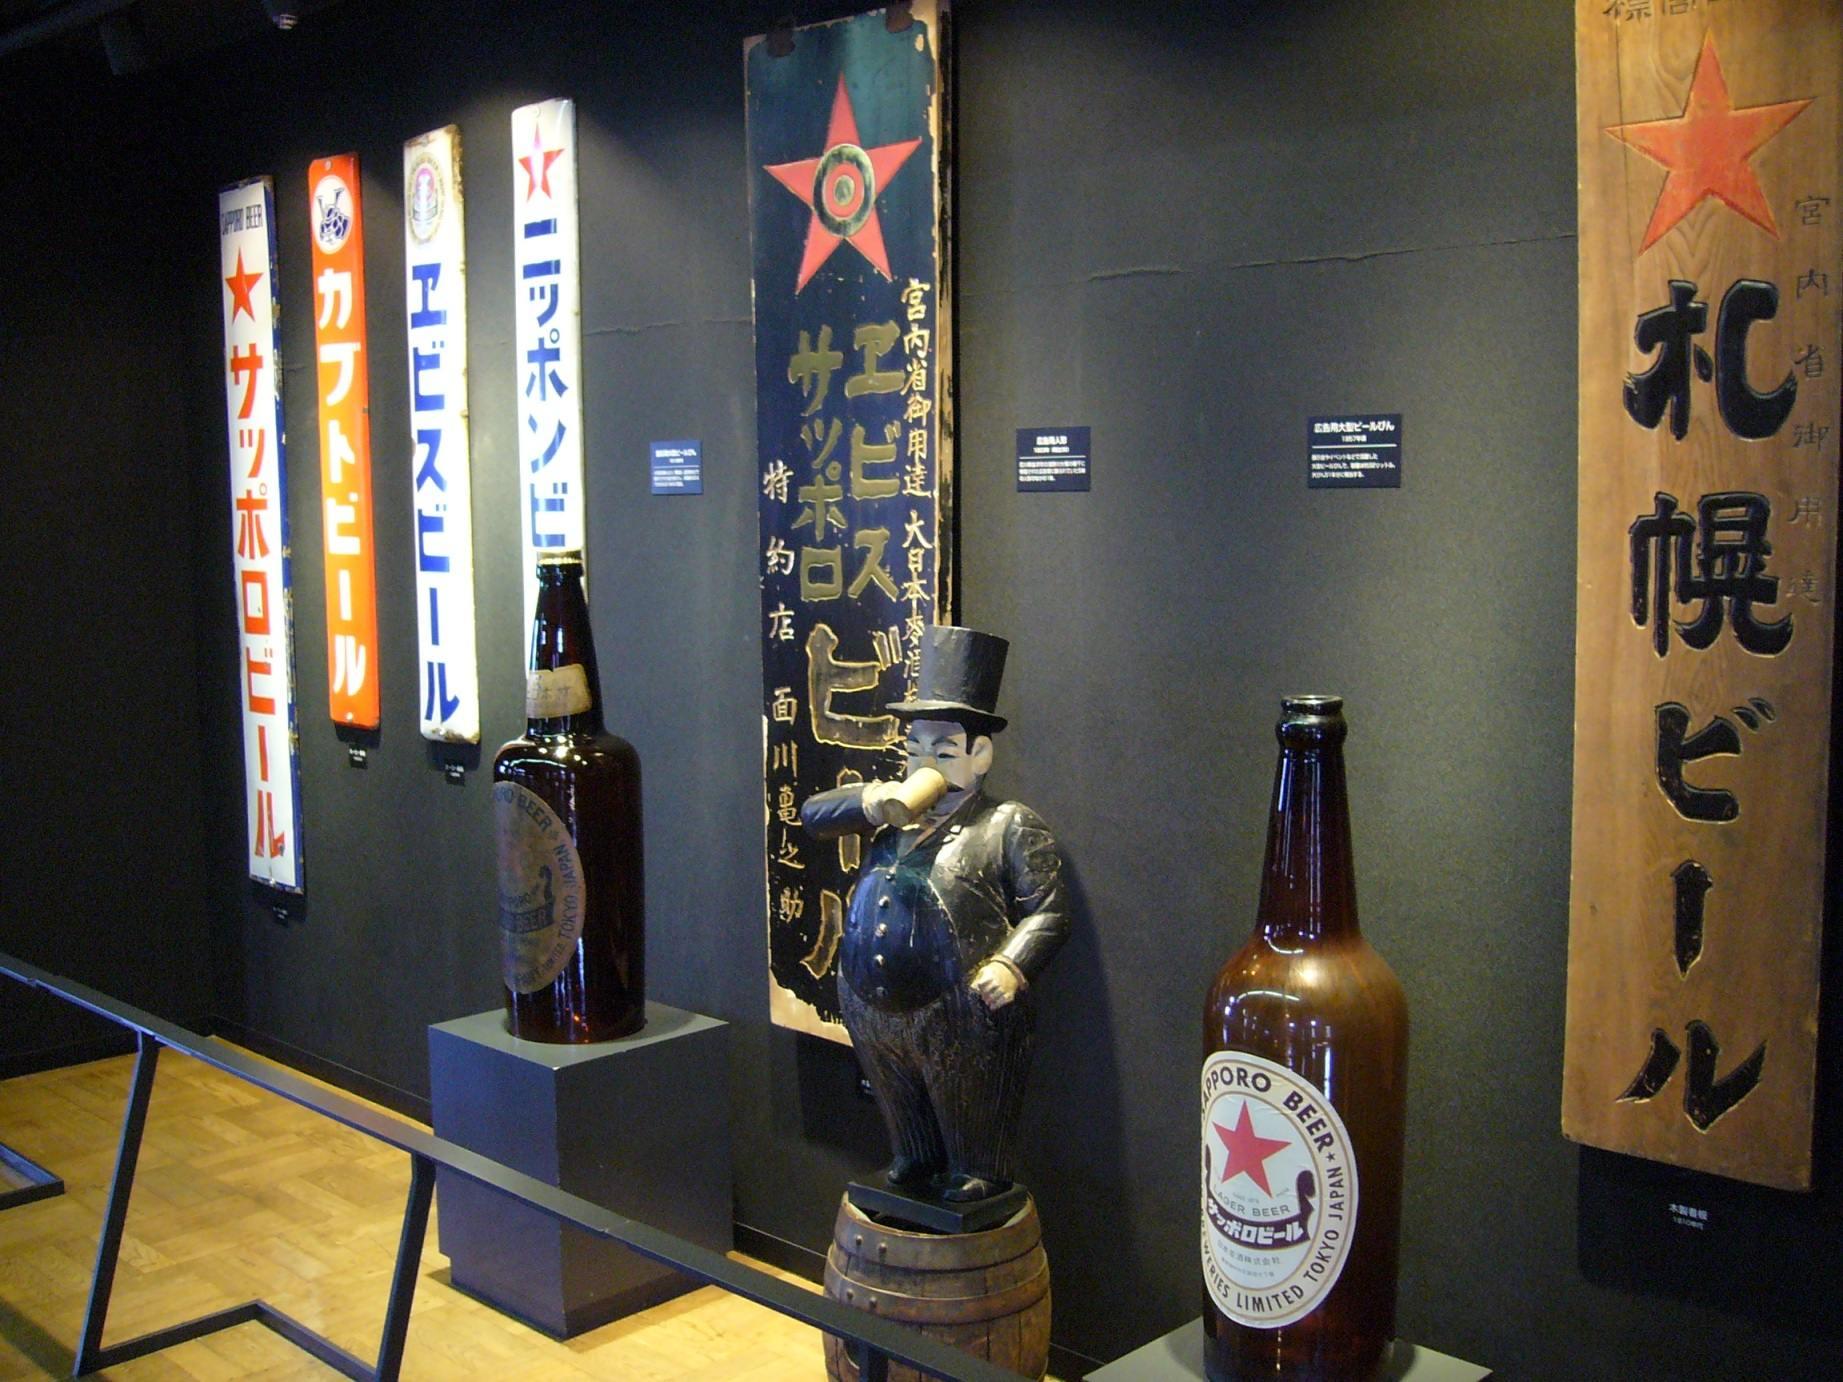 1.A sör itt is finom, fogyasztása hasonló tüneteket okoz ezért mérsékelten szürcsöljük, legjobb ha helyi főzdéket tudunk tesztelni.